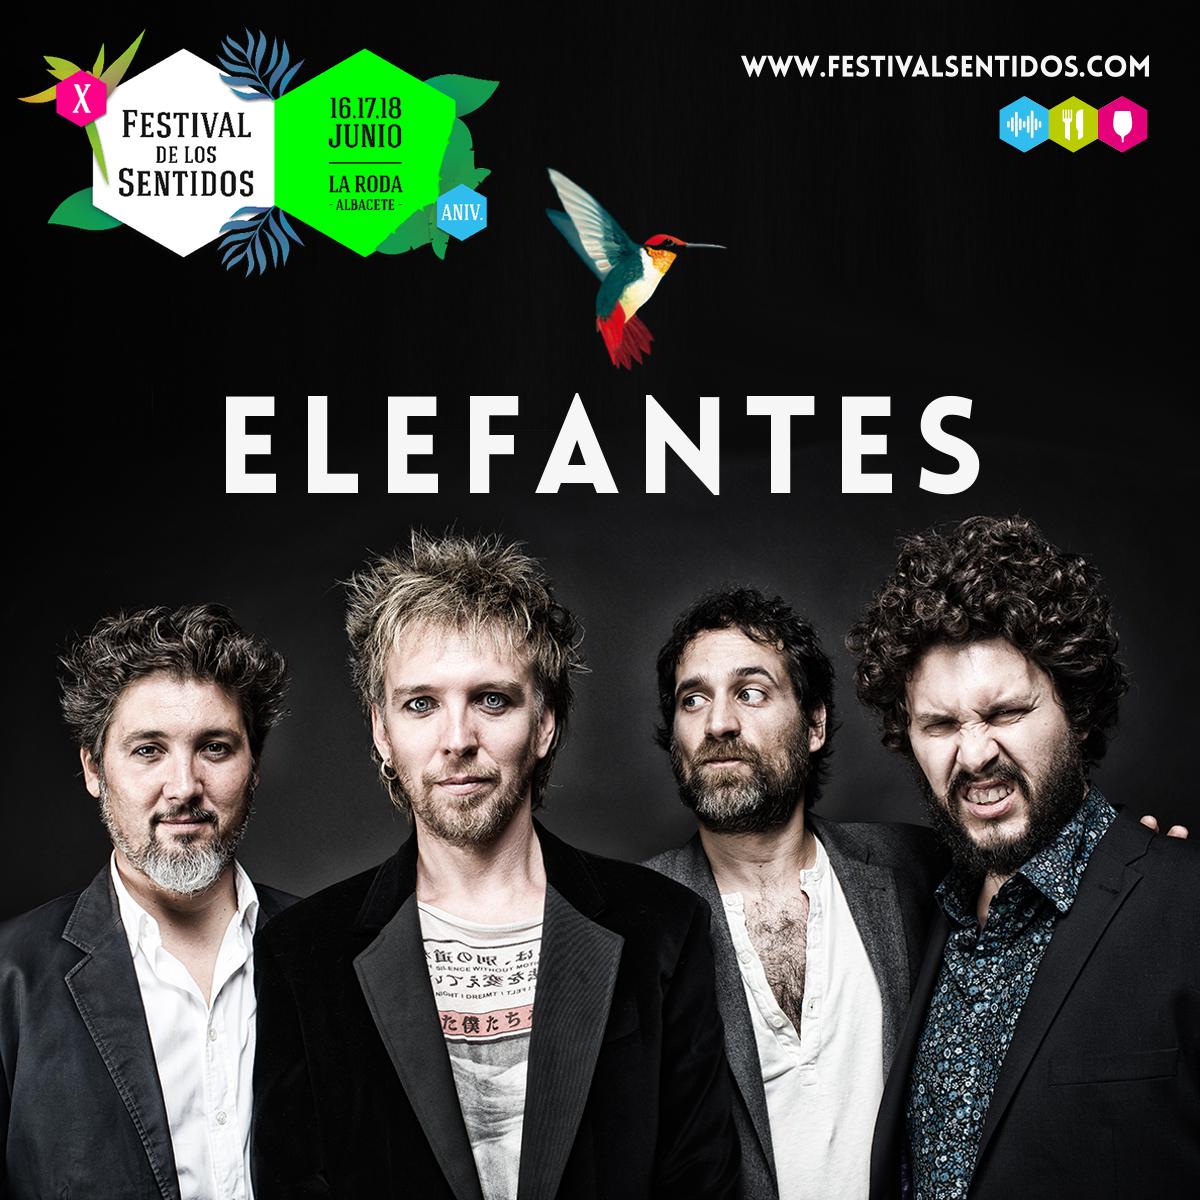 Elefantes Estará En #Sentidos17